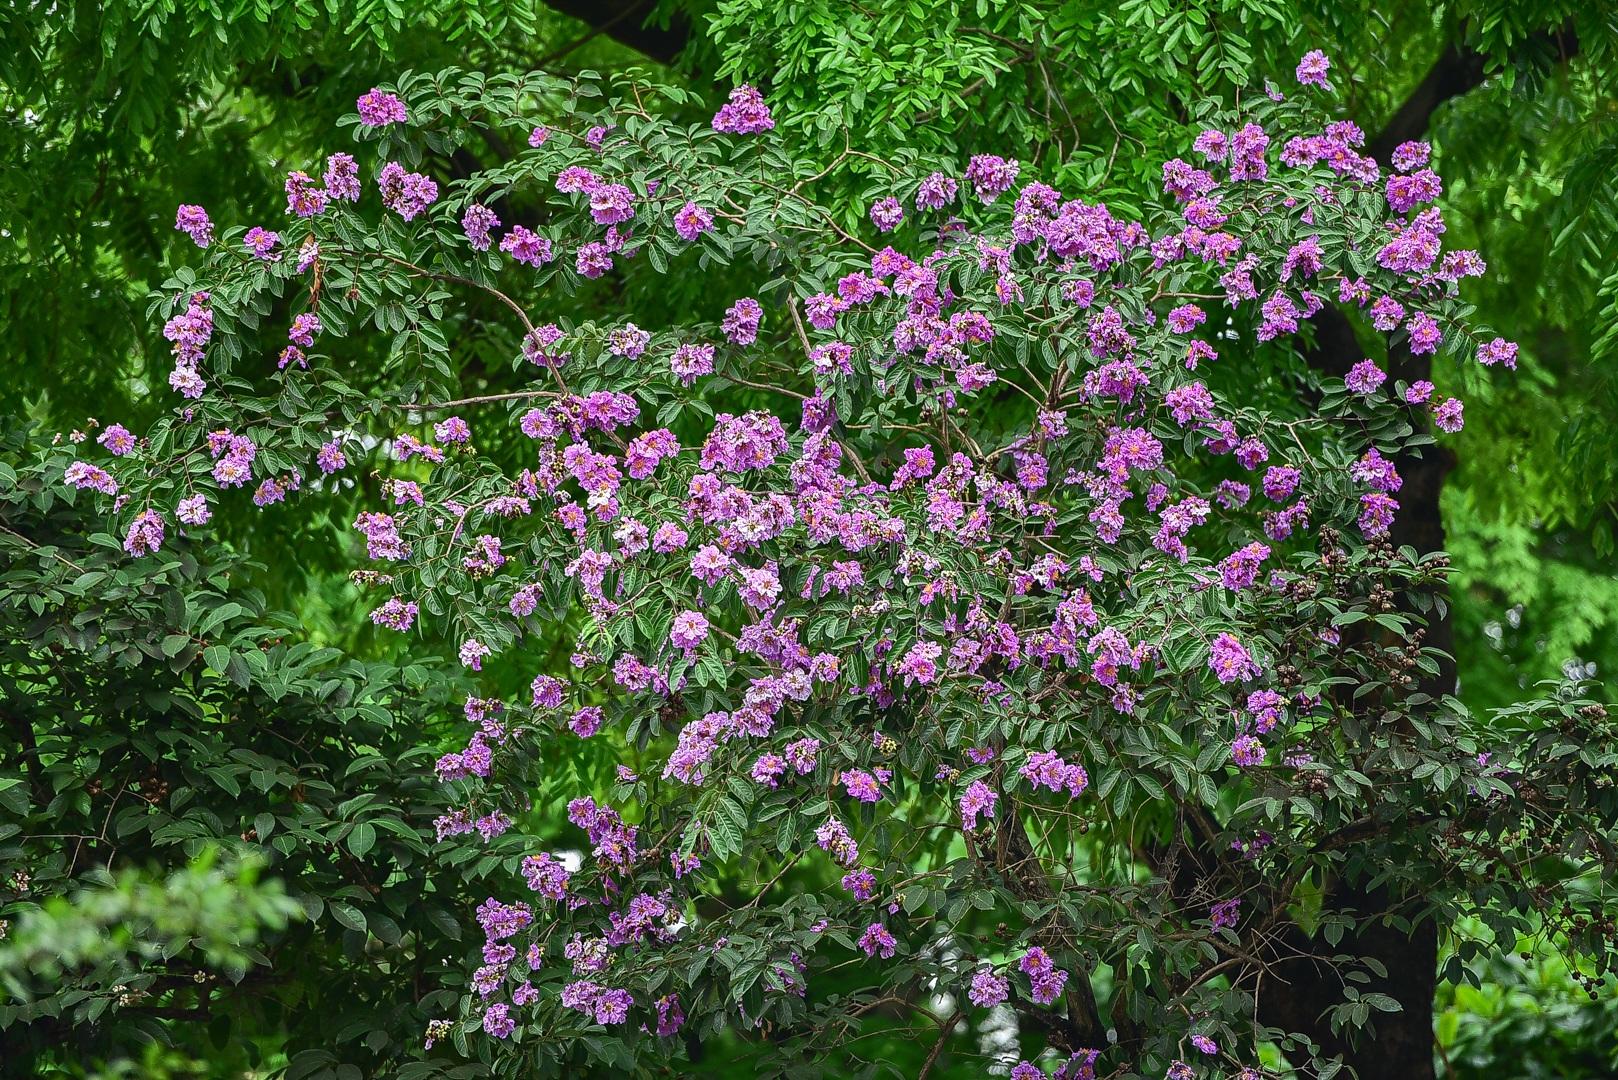 Hoa bằng lăng mộng mơ nhuộm tím đường phố Hà Nội - 7